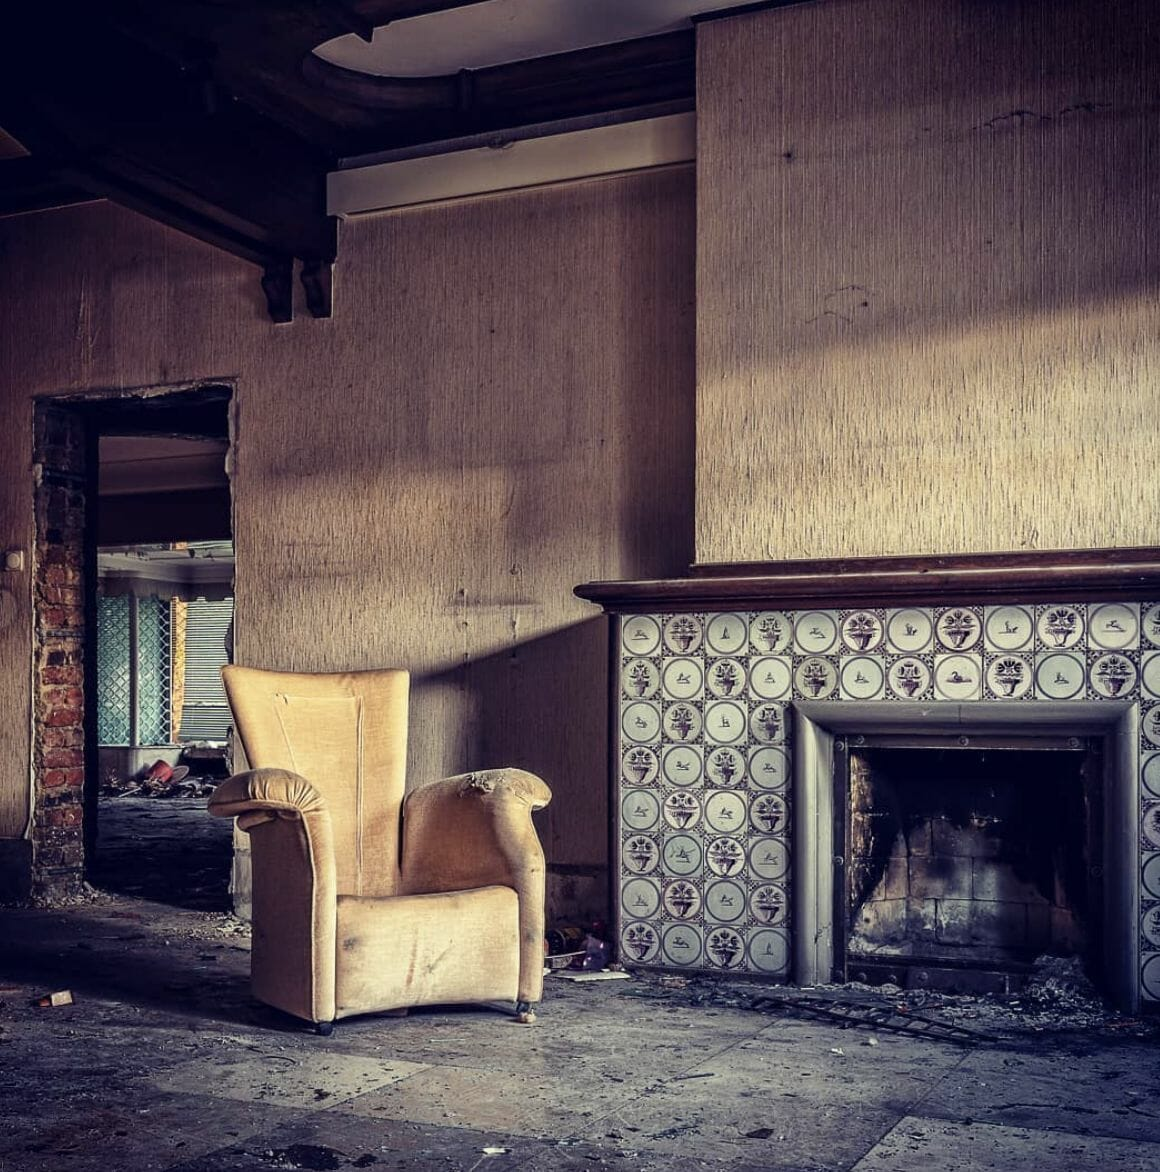 photographie d'un salon prise par revierstrolch